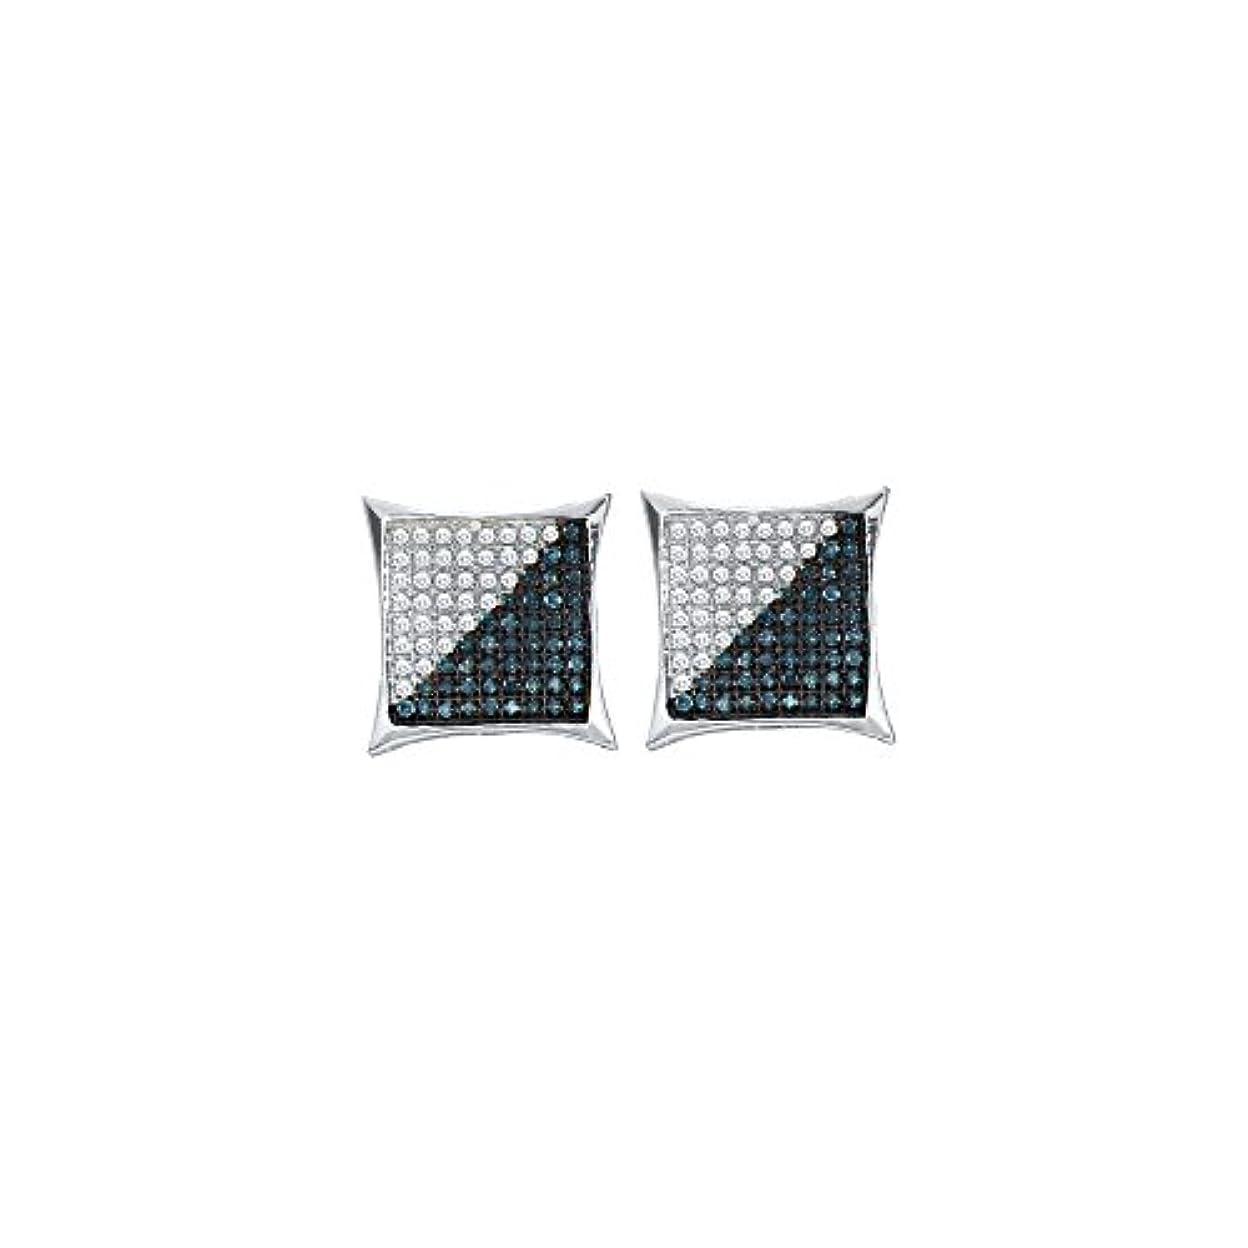 かんたんパノラマつかむ10kt ホワイトゴールド メンズ ラウンド ブルーカラー 強化ダイヤモンド スクエア カイト クラスター ピアス 1/3カラット